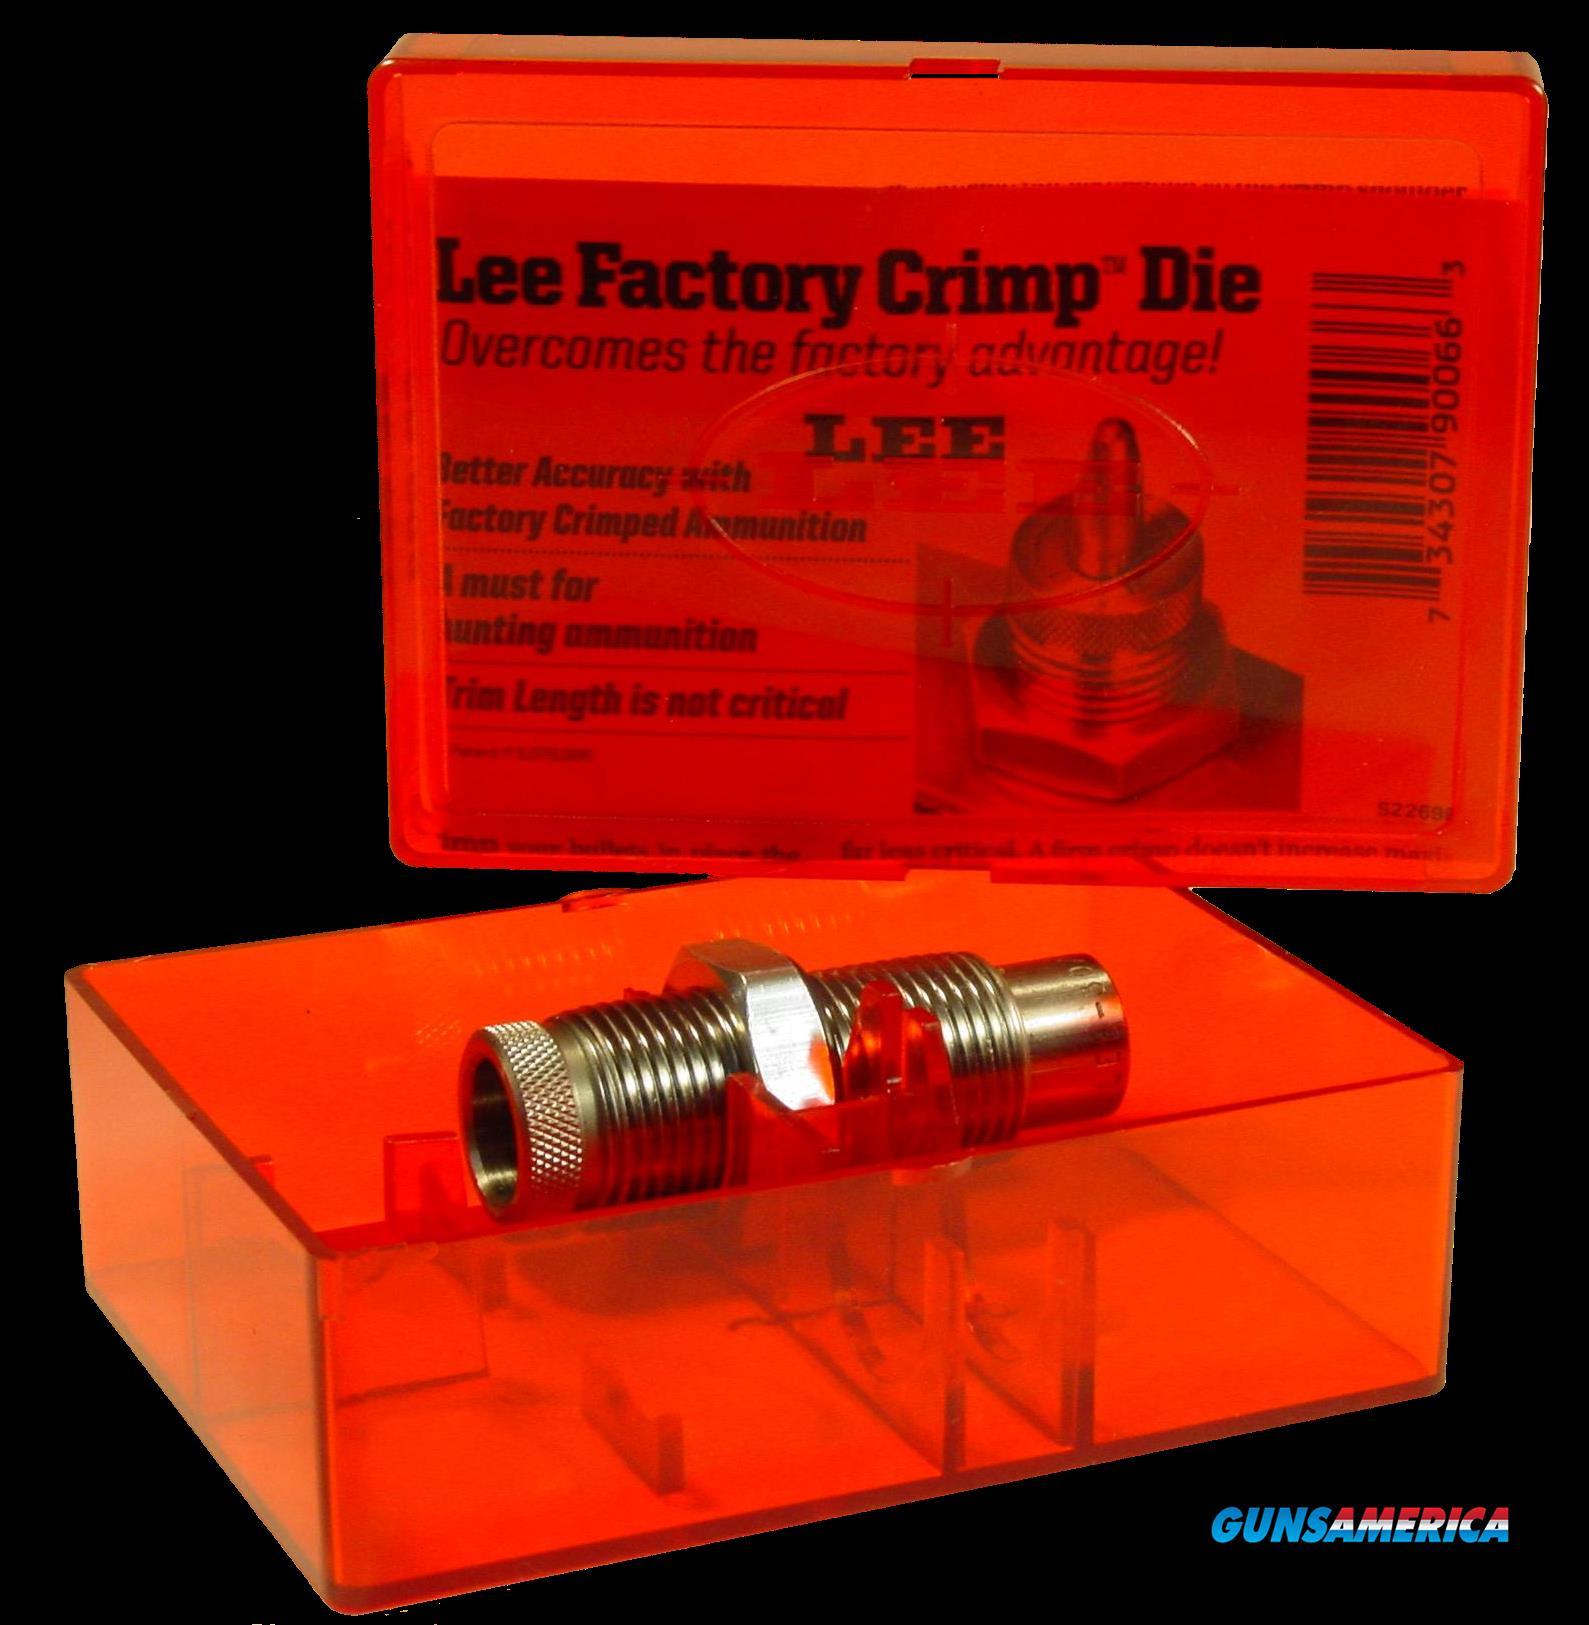 Lee Factory, Lee 90821 Fact Crimp Die 7mm Rem Mag  Guns > Pistols > 1911 Pistol Copies (non-Colt)